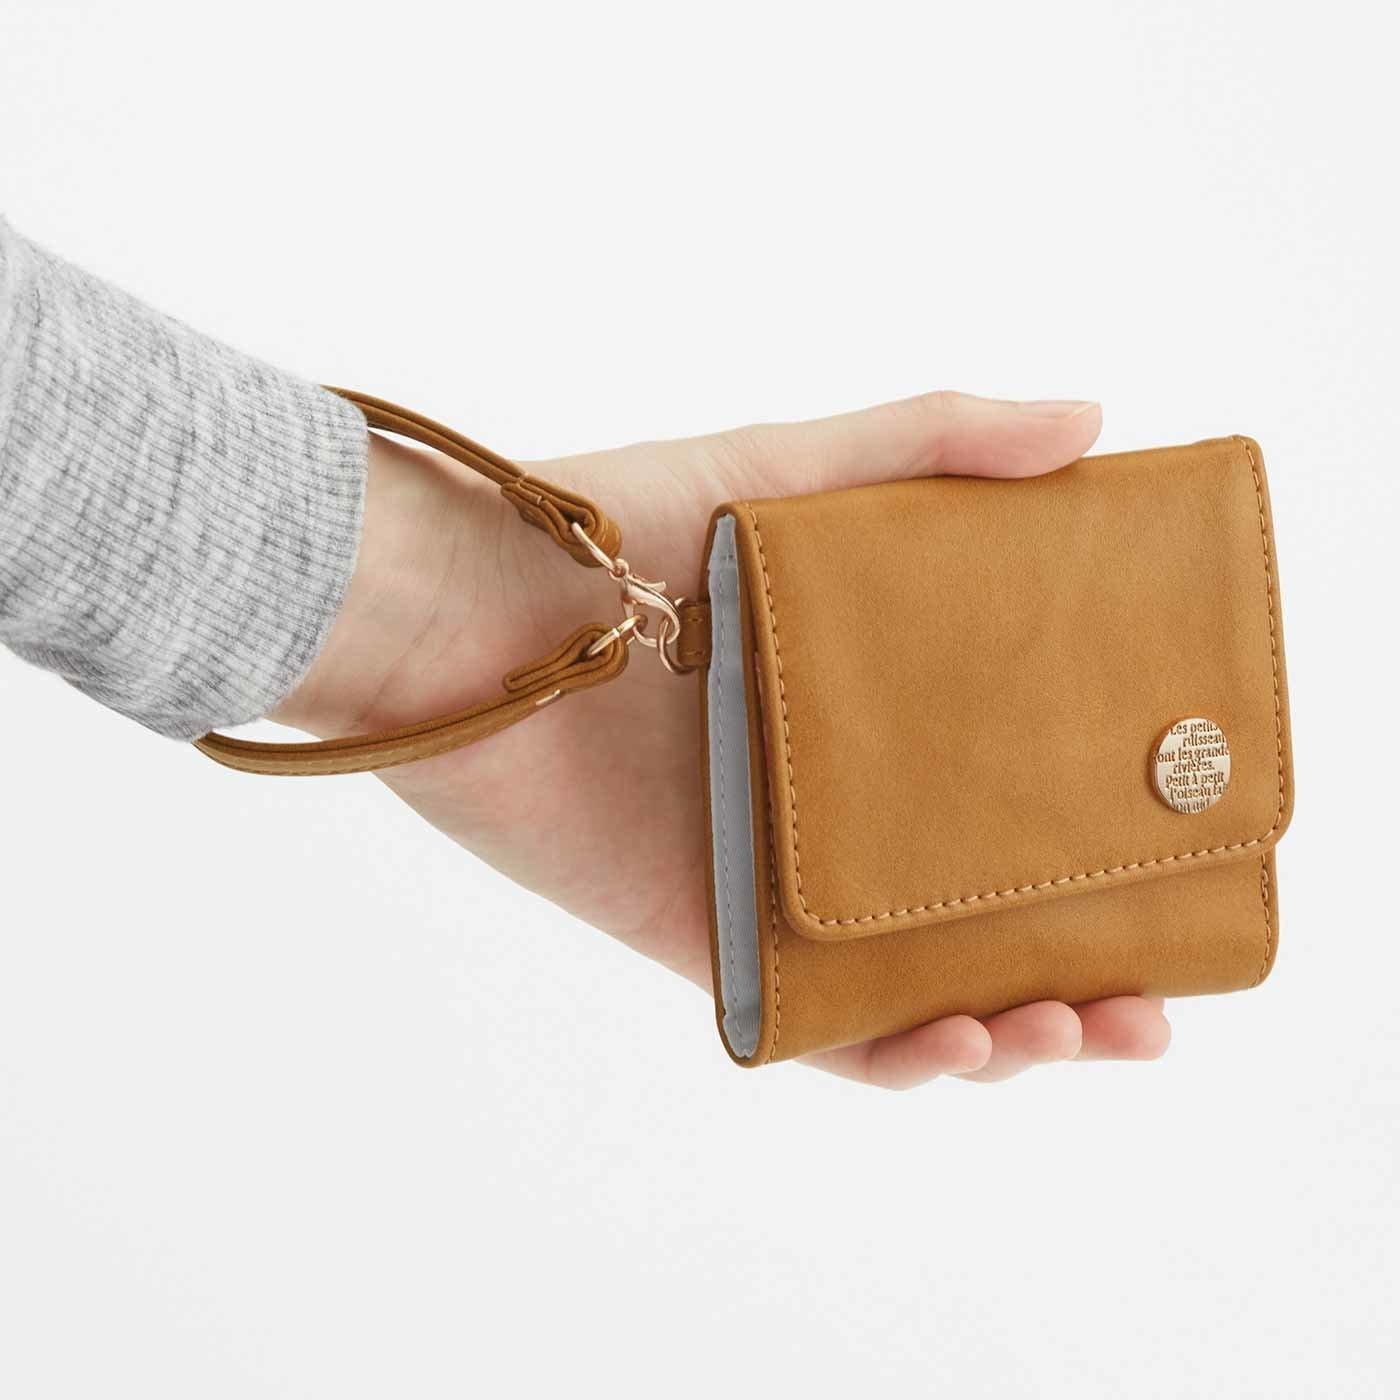 コンパクトが今の気分 大人かわいい手のり財布の会